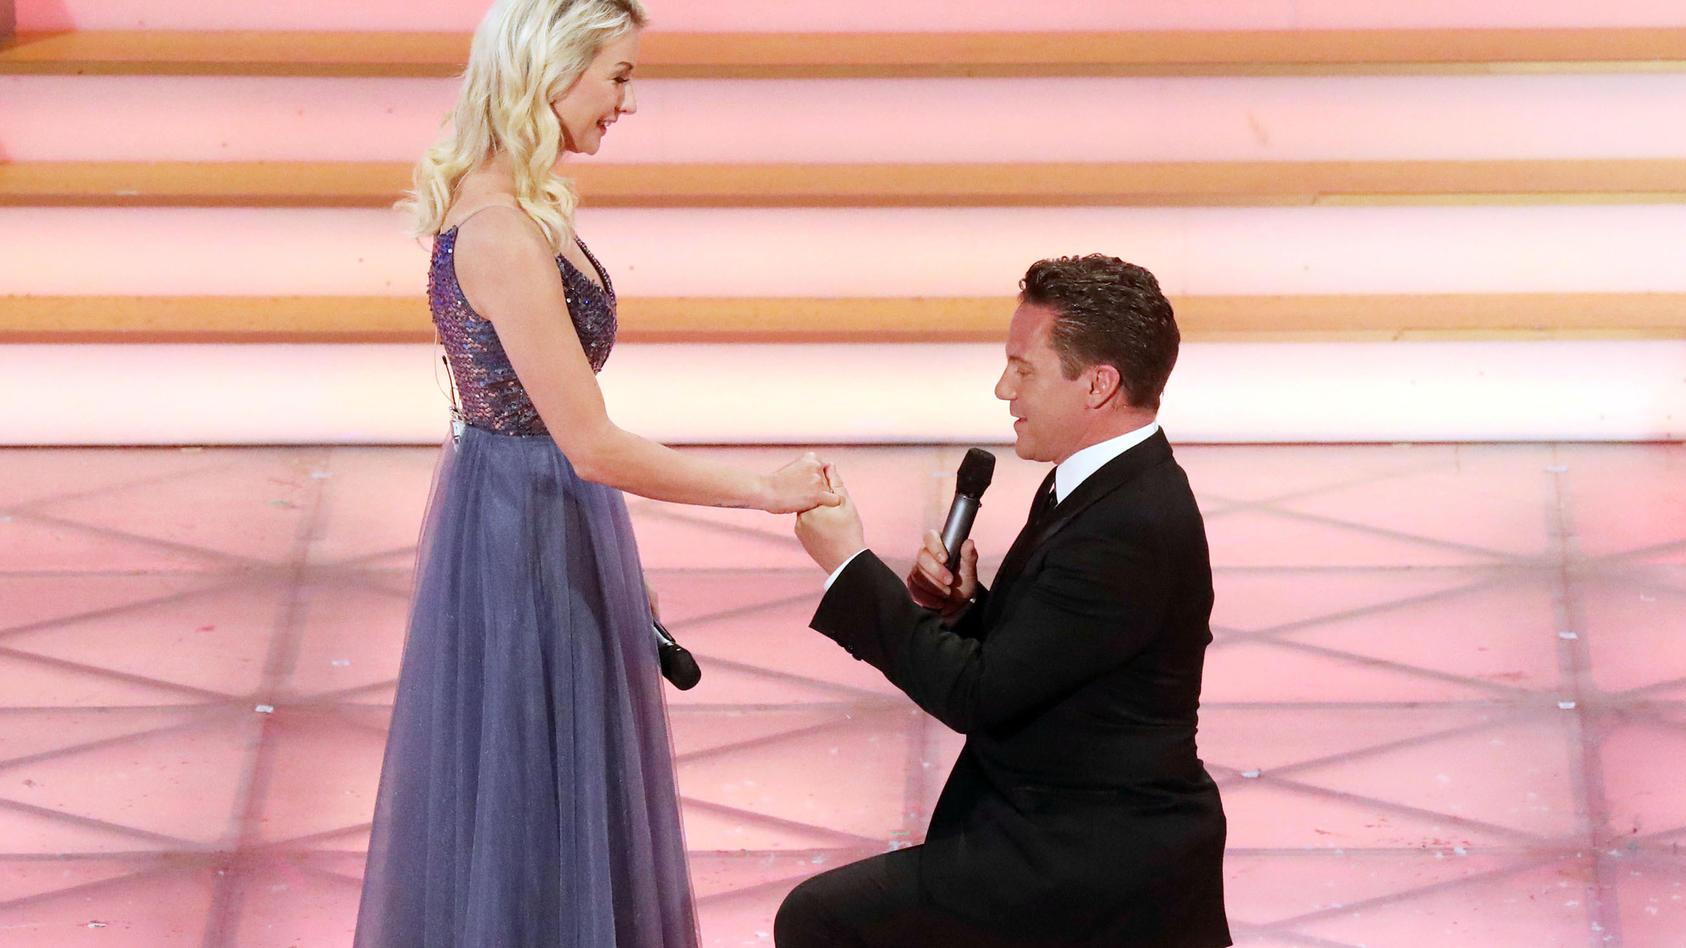 Stefan Mross macht seiner Freundin Anna Carina Woitschack live im TV einen Heiratsantrag